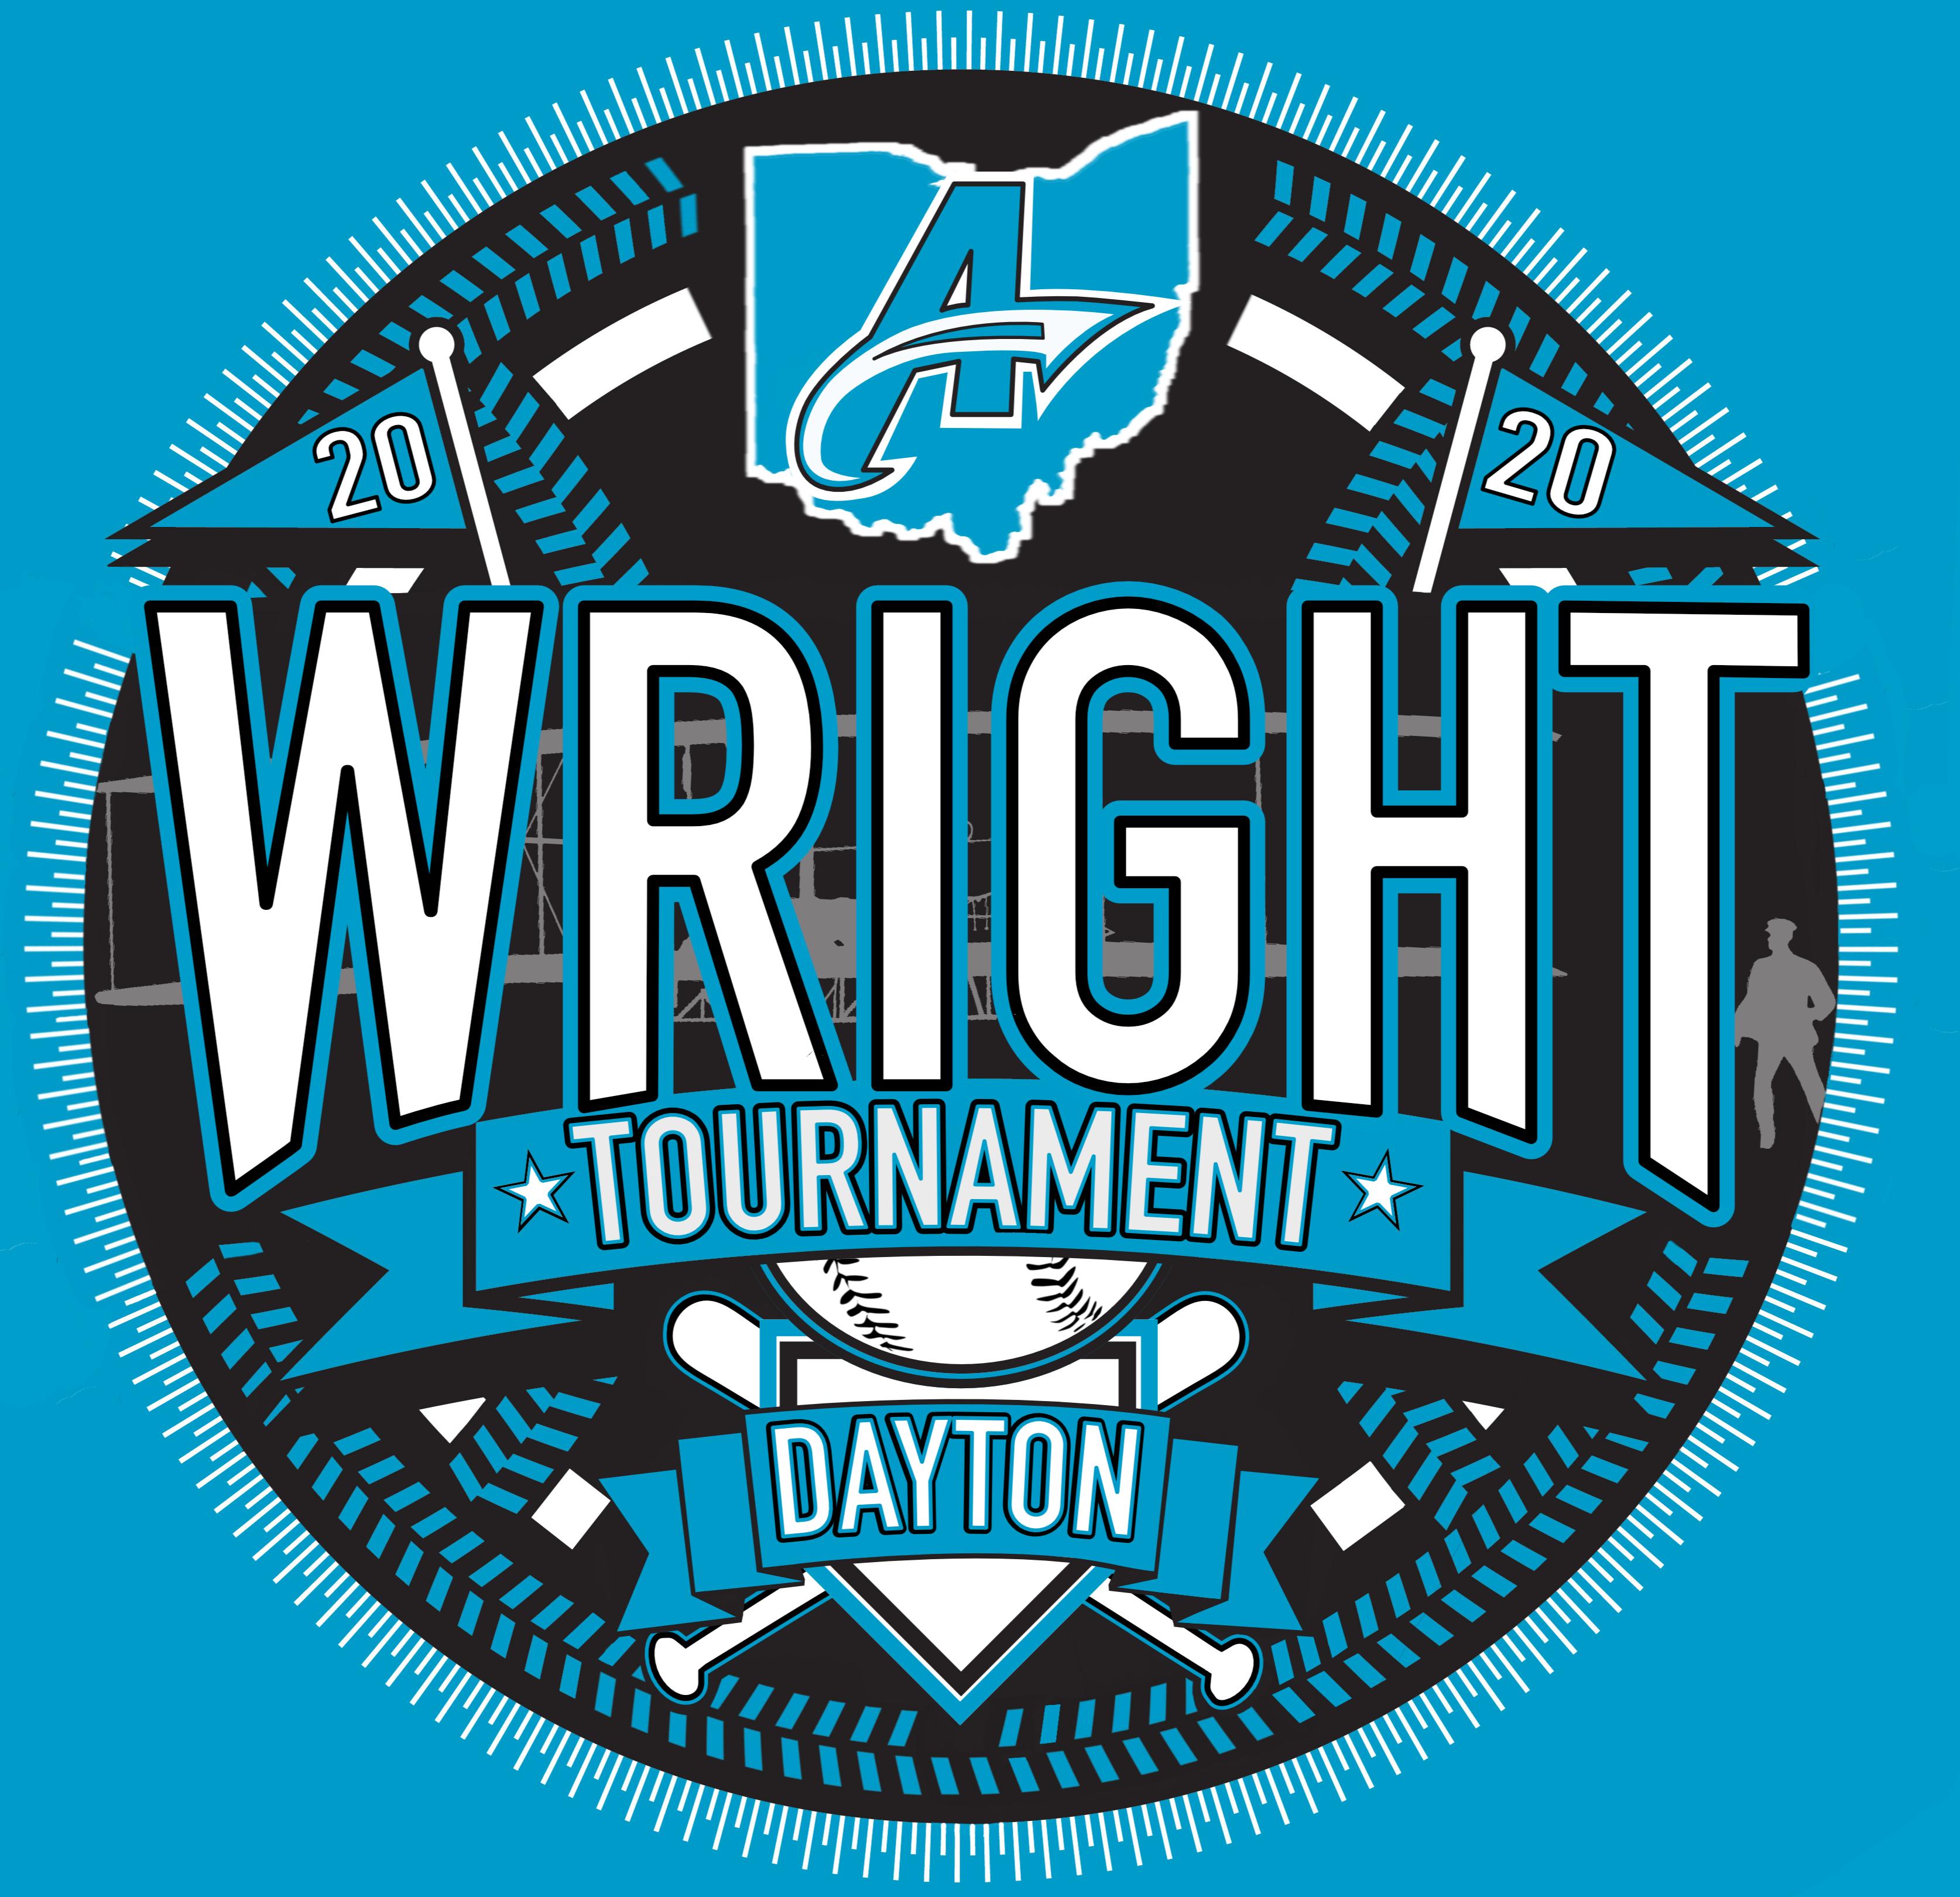 Wright Tournament